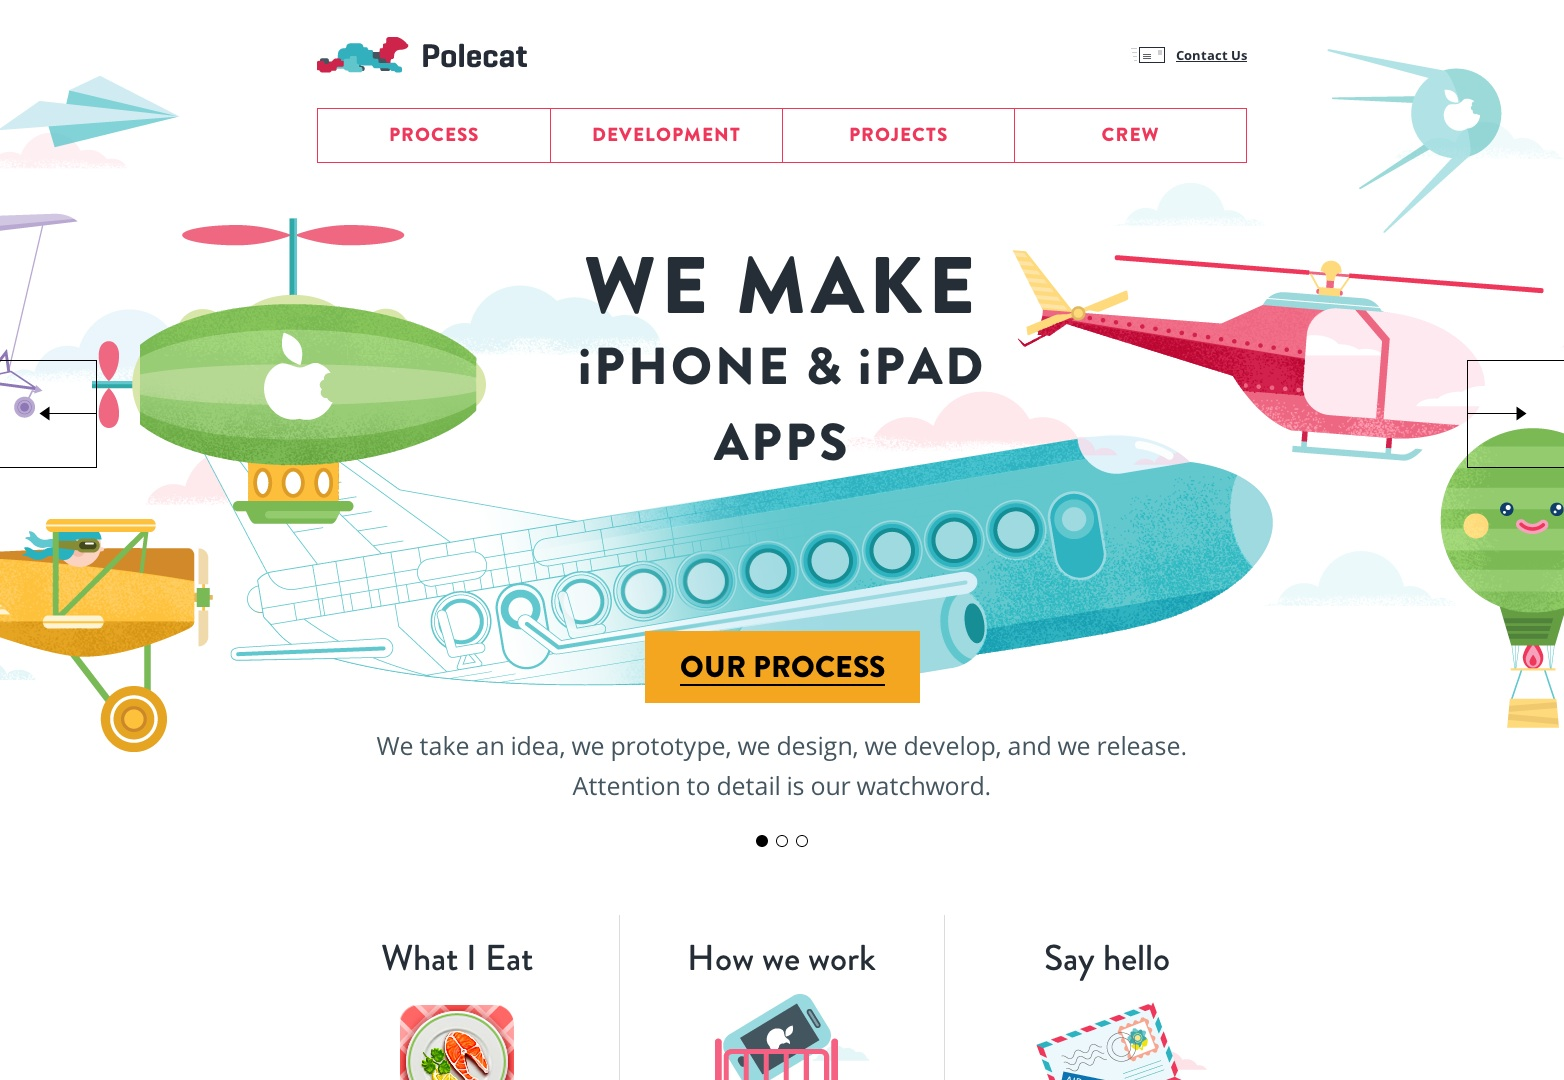 Desarrollo personalizado de aplicaciones para iPhone e iPad | Agencia Polecat